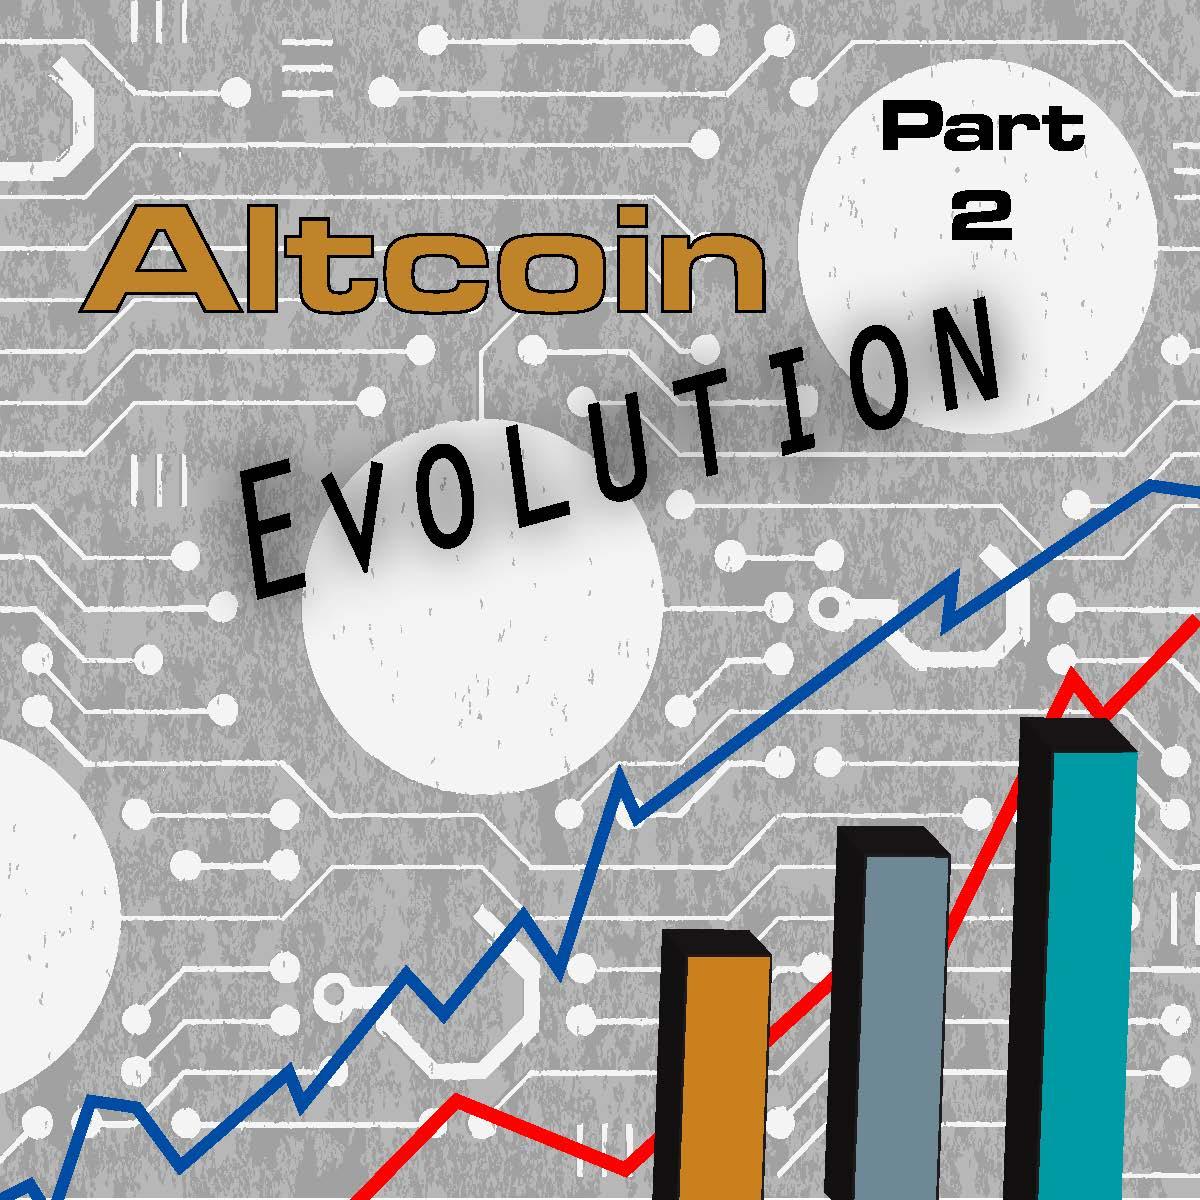 La evolución de las altcoins – Parte II: Los desafíos